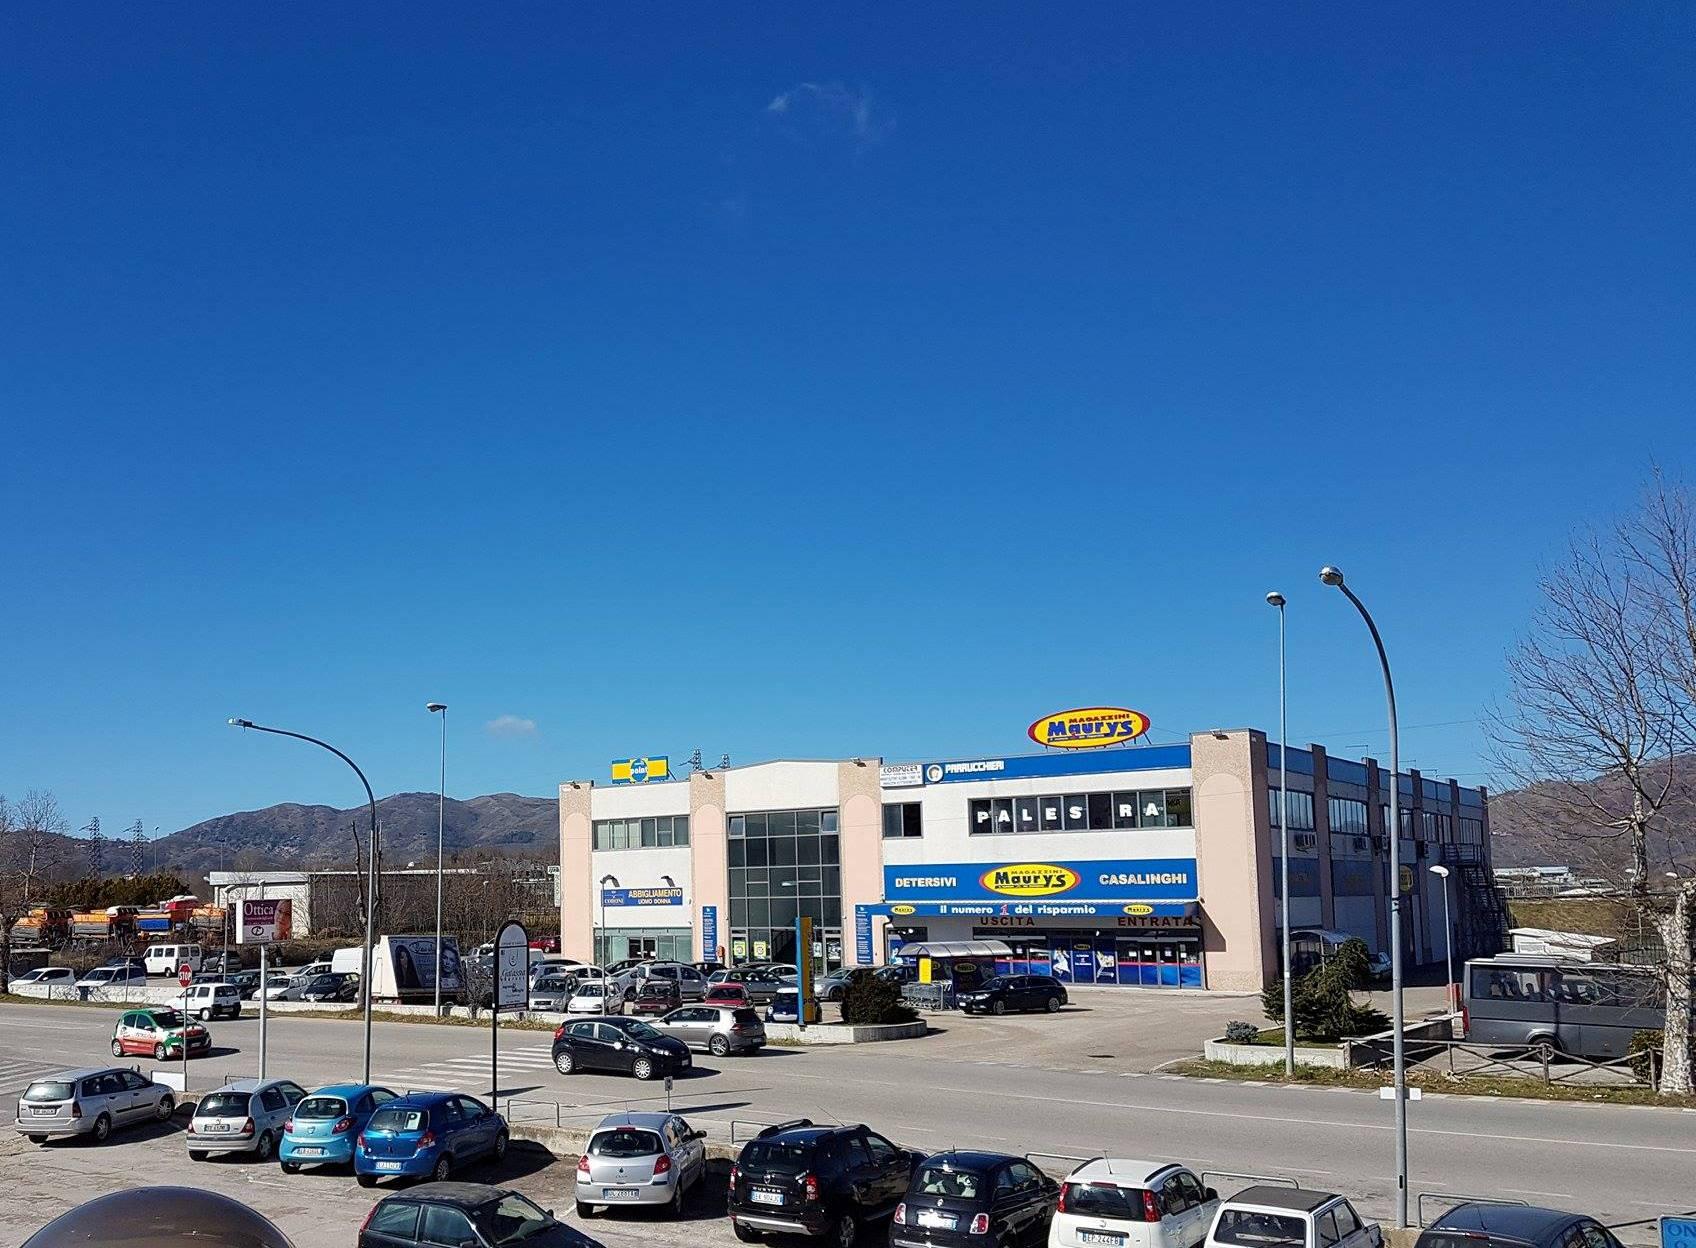 centro commerciale l'airone